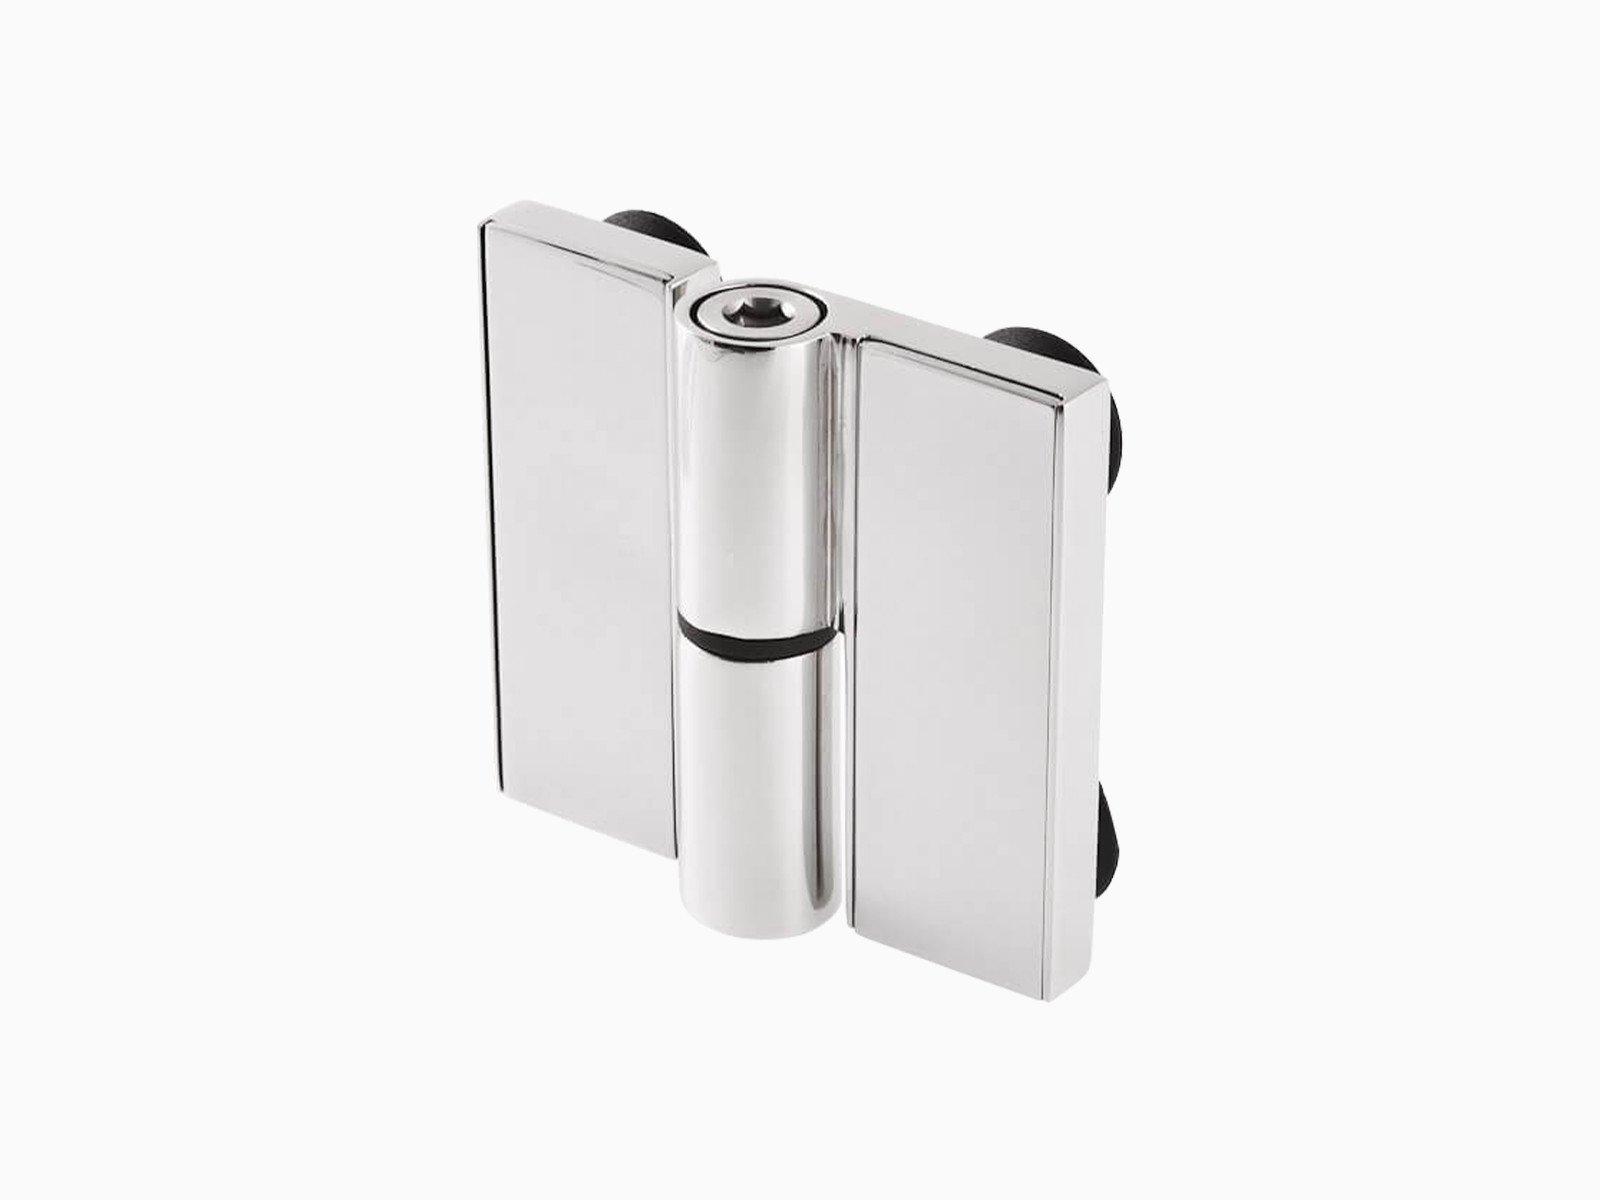 glasbeschlag-angular-mit-hebe-senk-mechanismus-in-hochglaenzendem-edelstahl